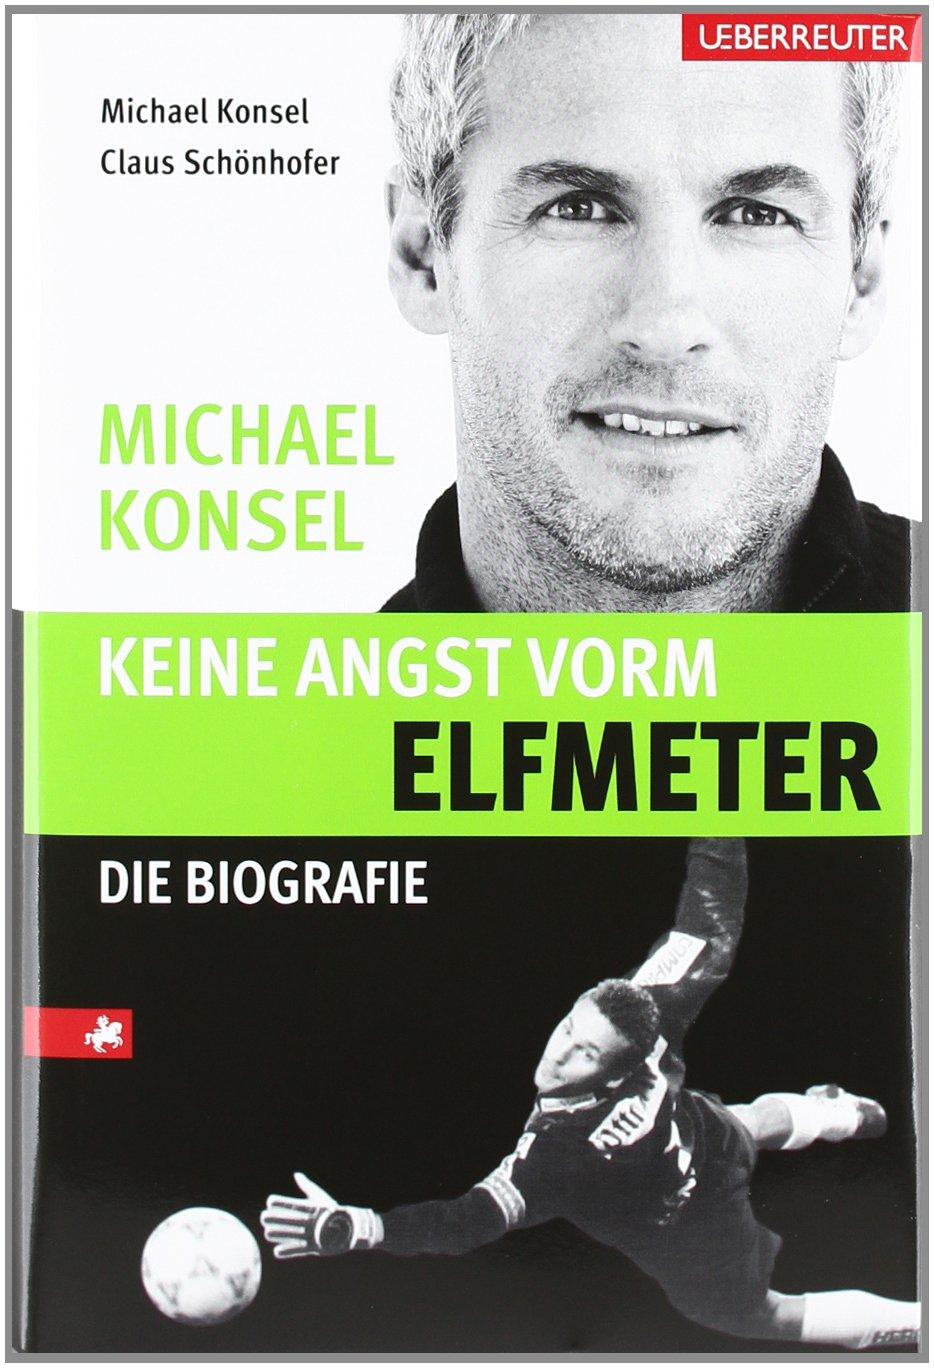 Keine Angst vorm Elfmeter: Michael Konsel Die Biografie